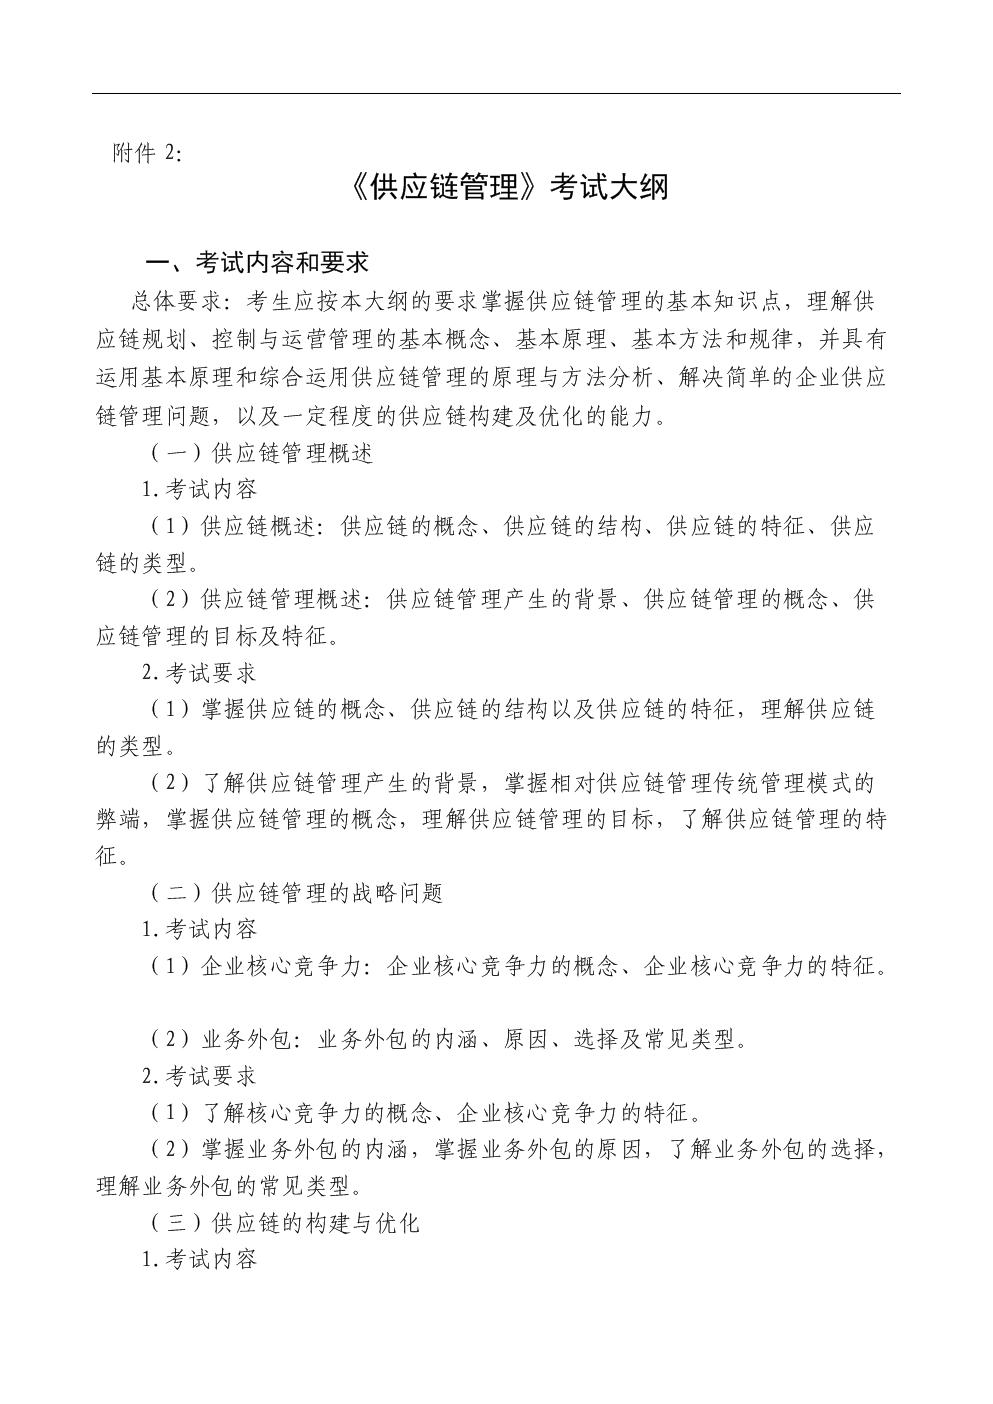 《供应链管理》考试大纲.docx